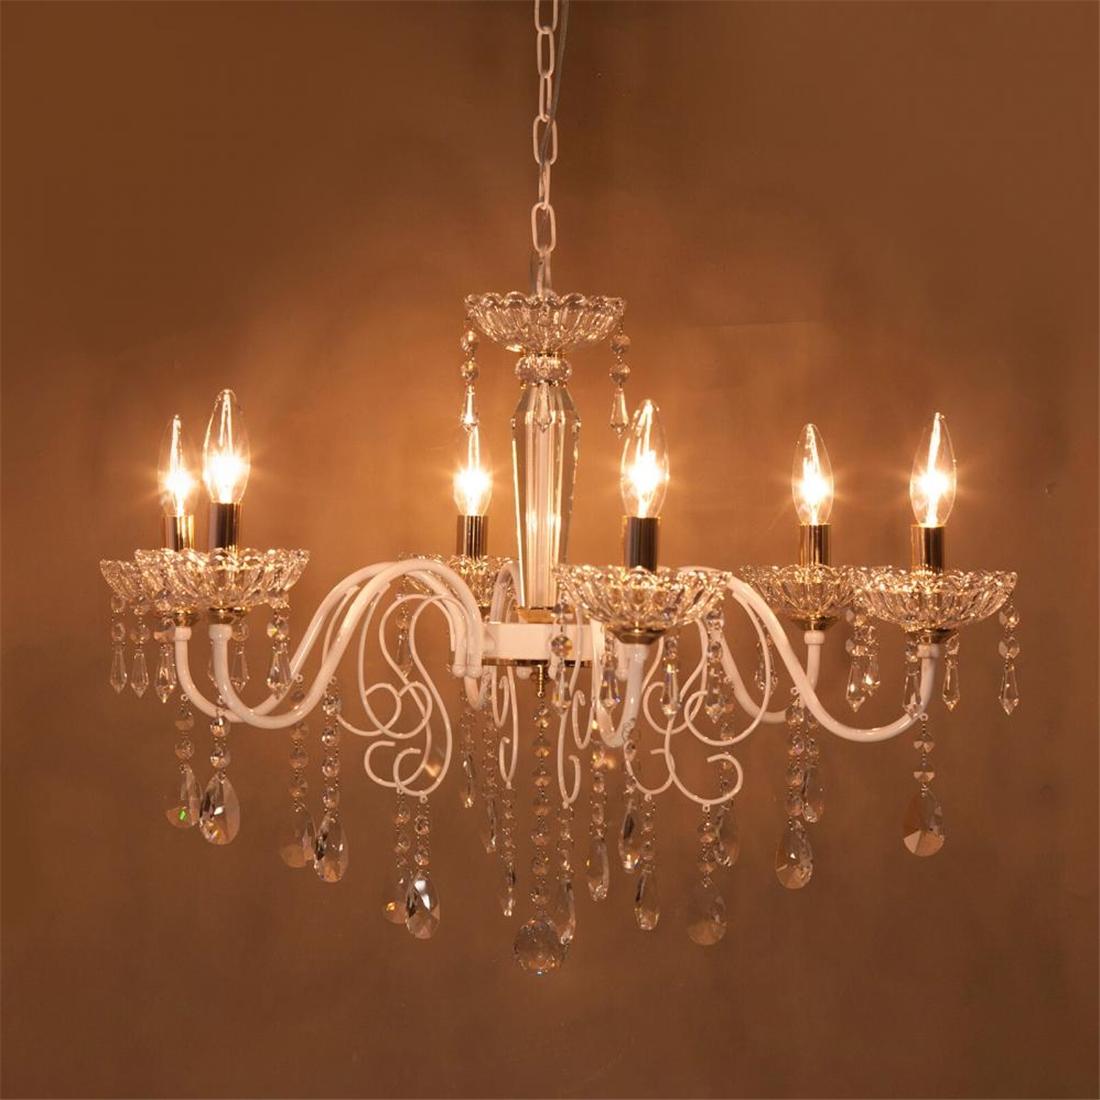 吊照明 クリスタルガラス シャンデリア[SUCI スーチ(6灯)][E12/水雷型]おすすめ 送料無料 誕生日 便利雑貨 日用品